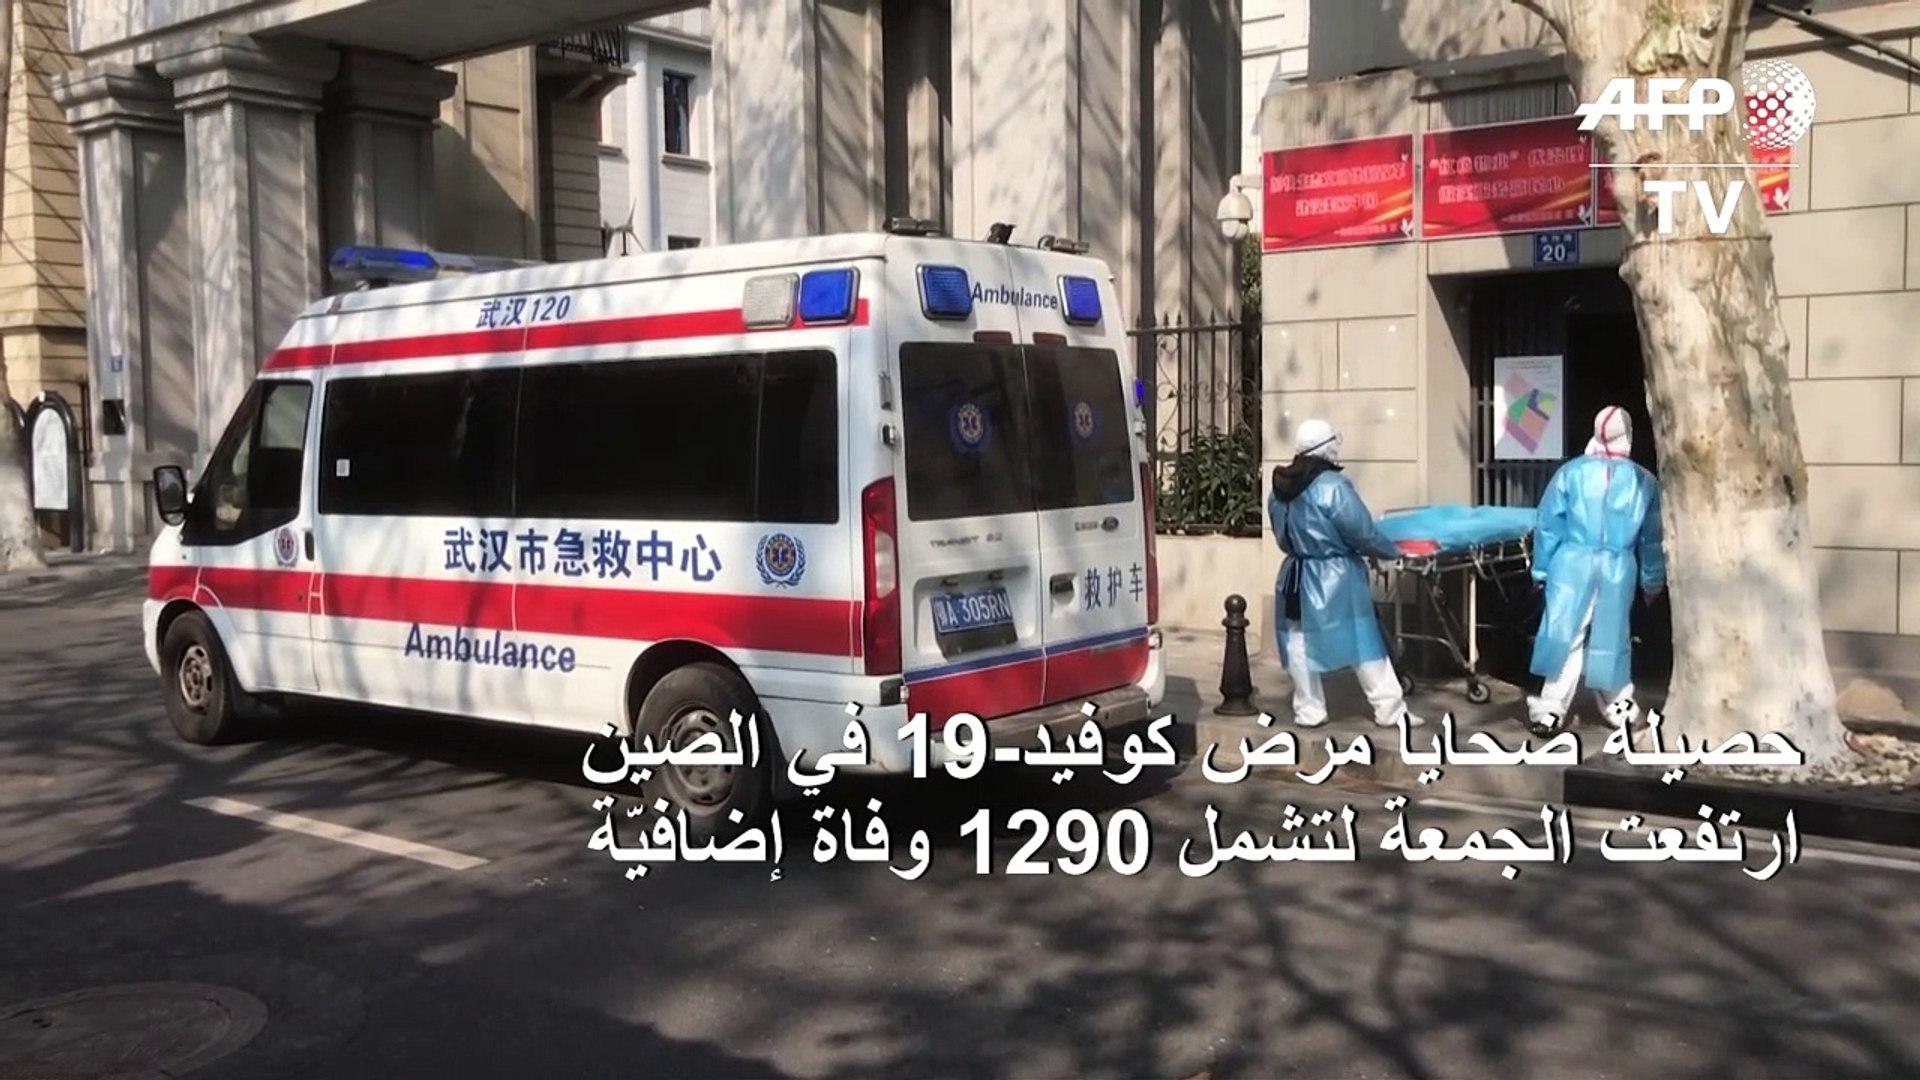 1290 وفاة إضافية بكورونا في الصين بعد مراجعة لعدد الضحايا